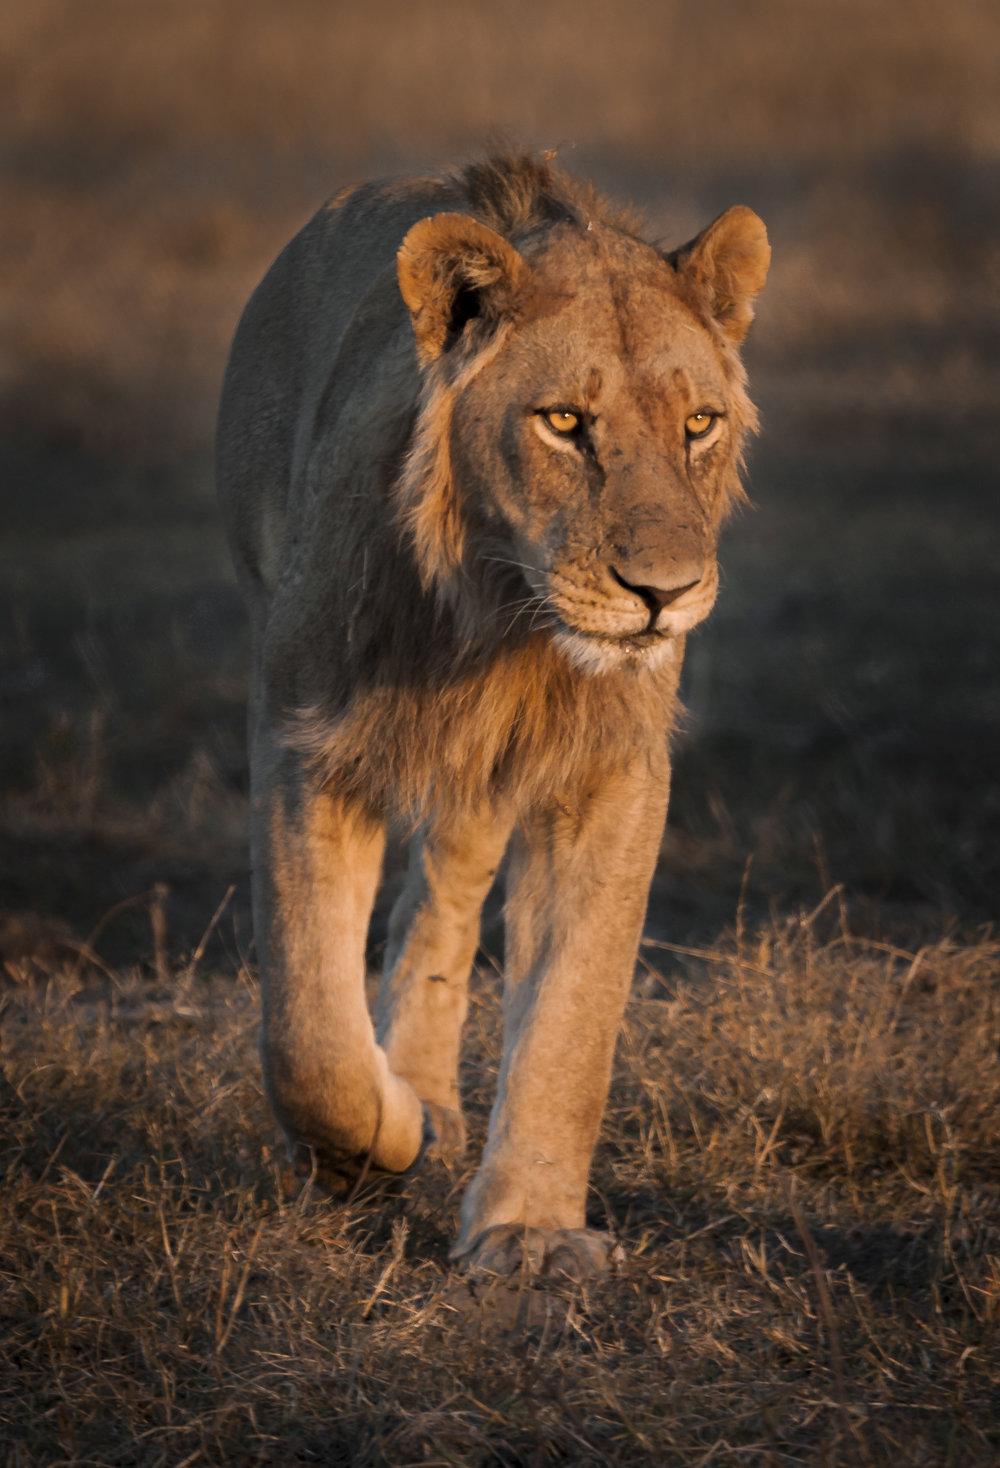 lioness_walk-1.jpg